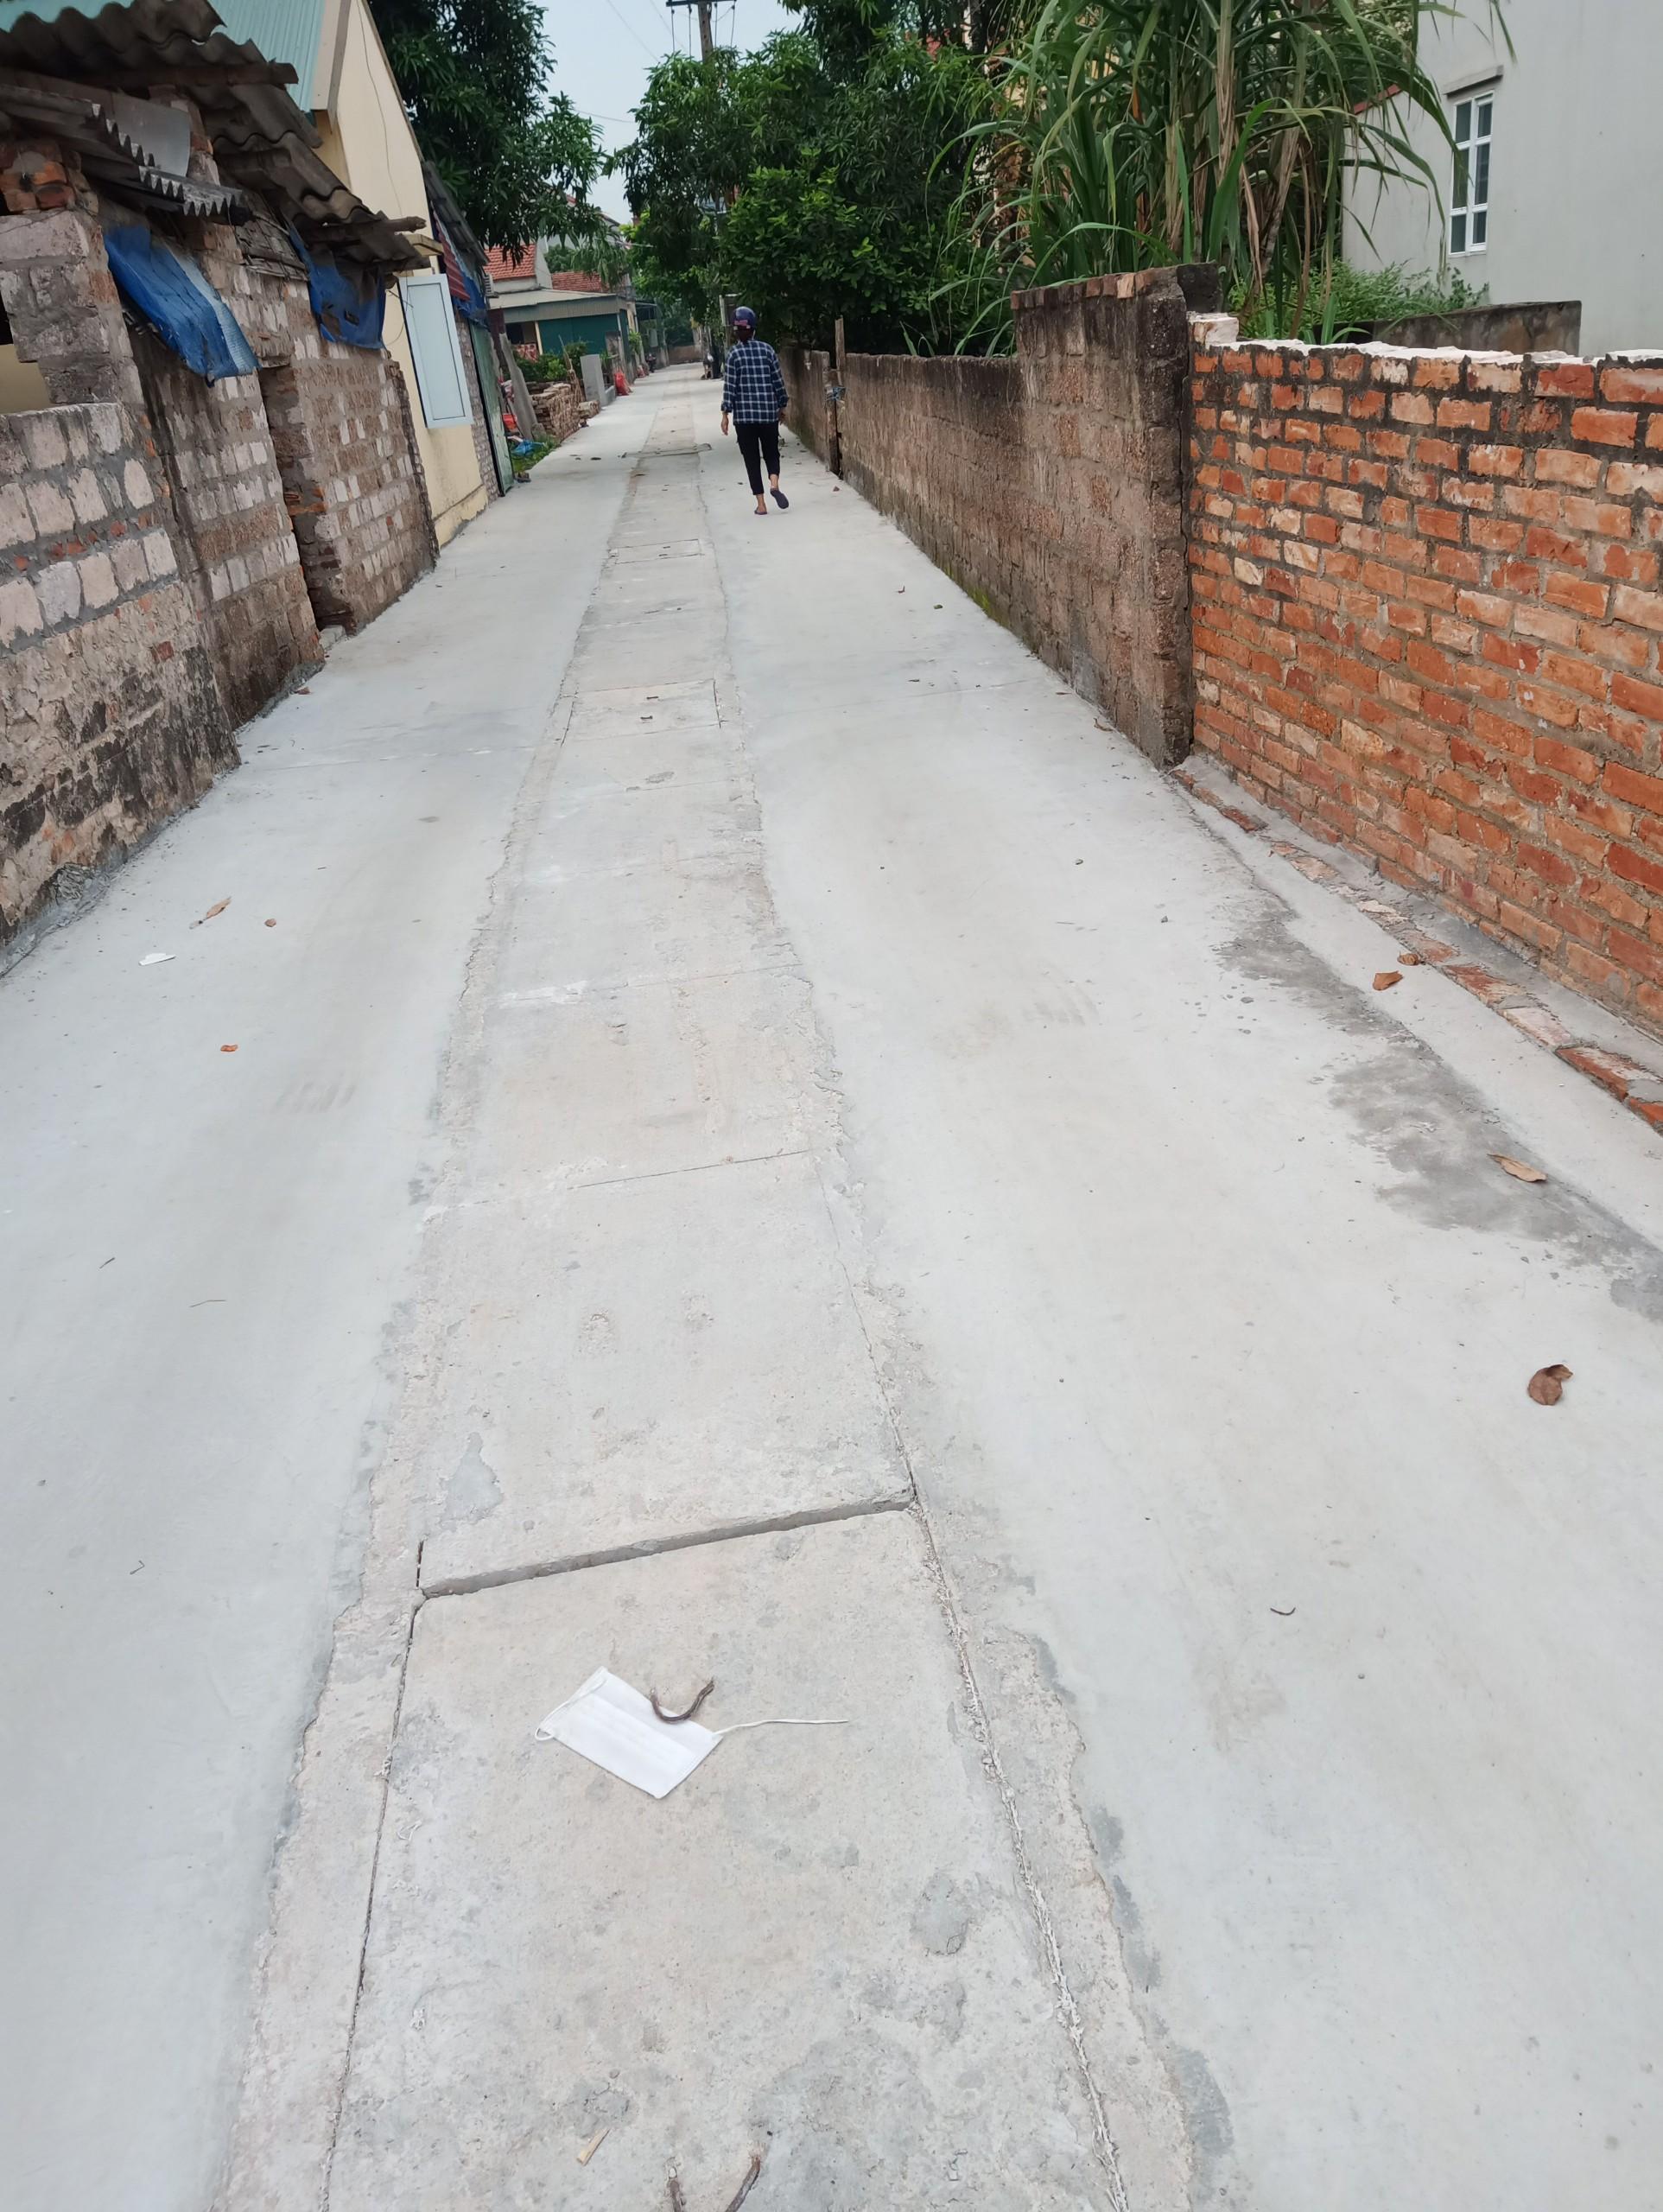 Cần thanh khoản gấp lô đất cực đẹp tại Hoà Phong, Mỹ Hào, Đường to, thông, chia lô tốt: lh 0835459289